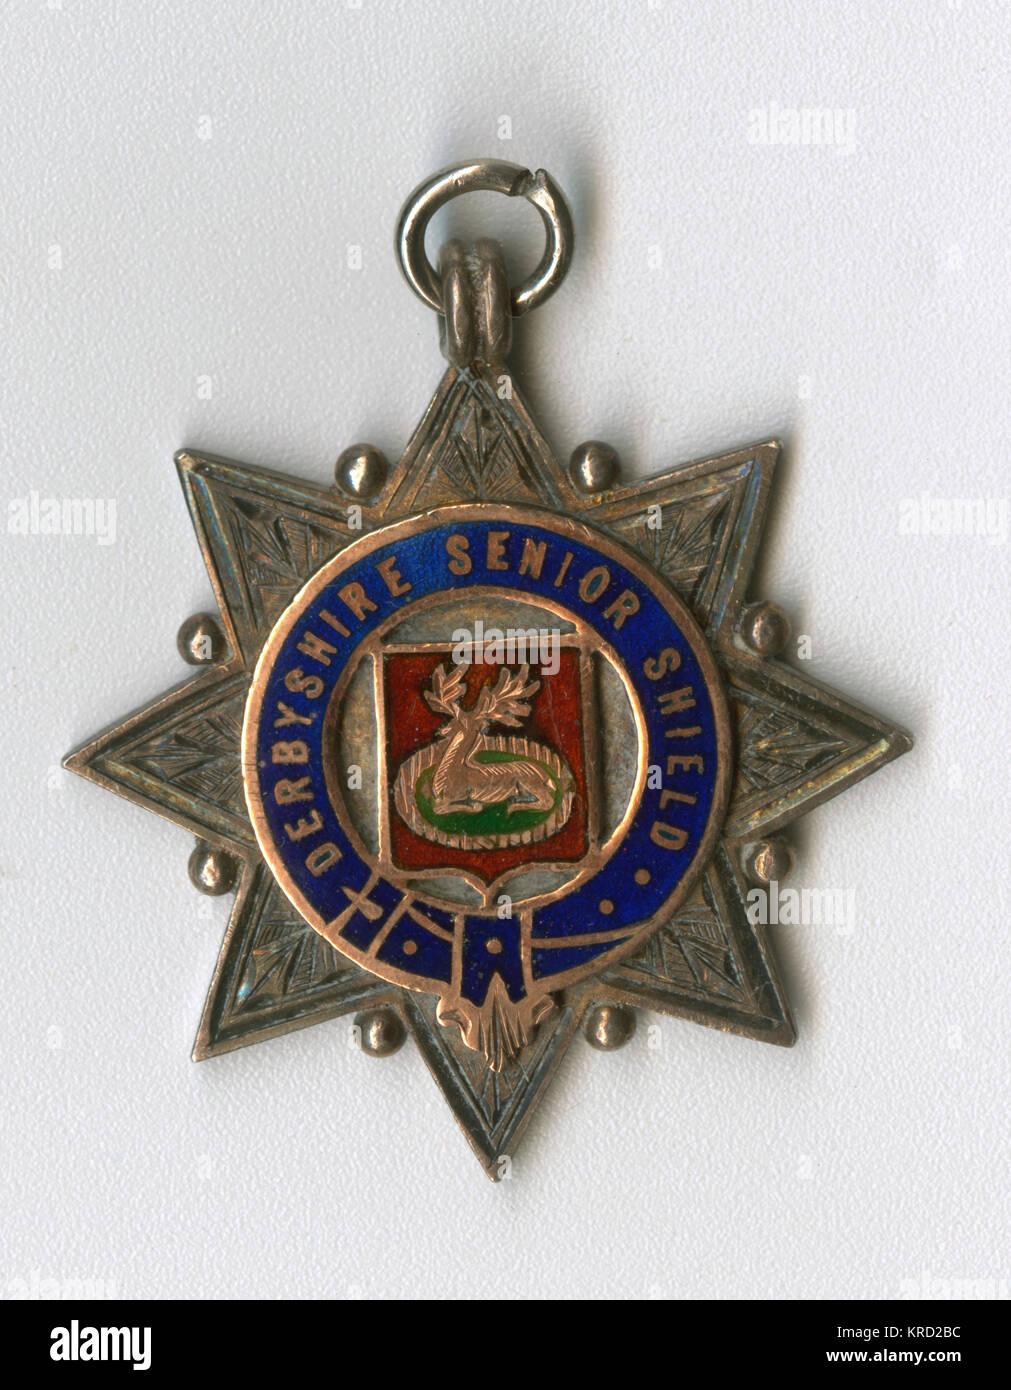 Sport medaglia del Derbyshire Senior Shield, premiato per i secondi classificati nella stagione 1908-1909. Una stella Immagini Stock